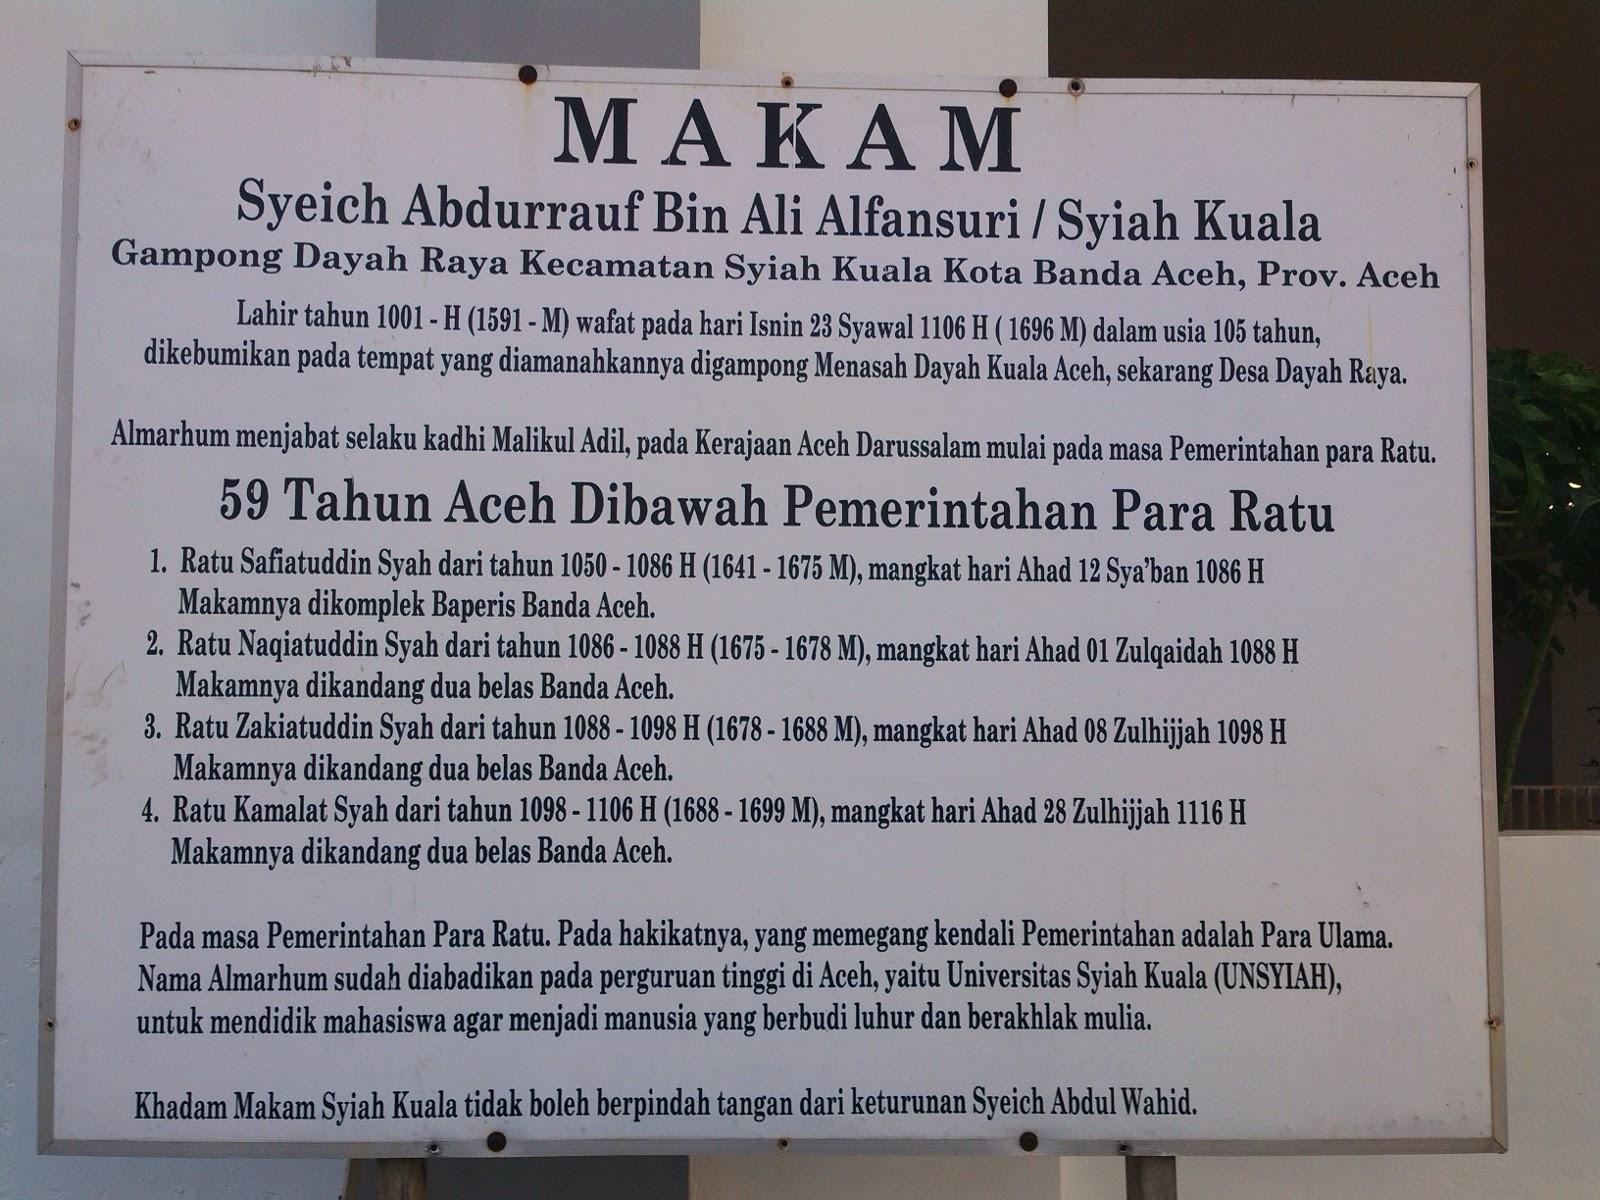 Shared Komplek Makam Syiah Kuala Banda Aceh Bukti Kedahsyatan Dekat